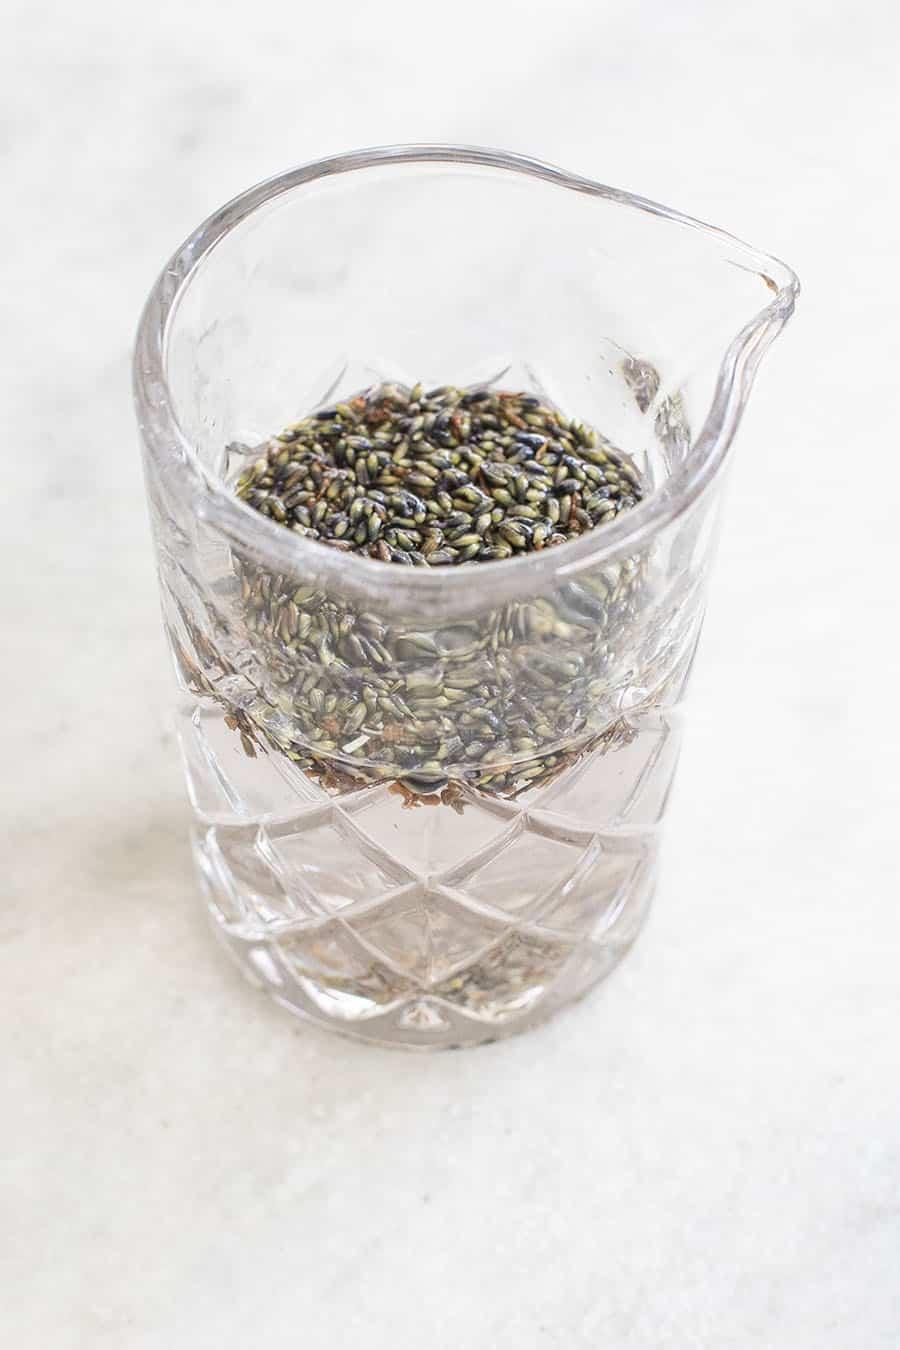 lavender in gin